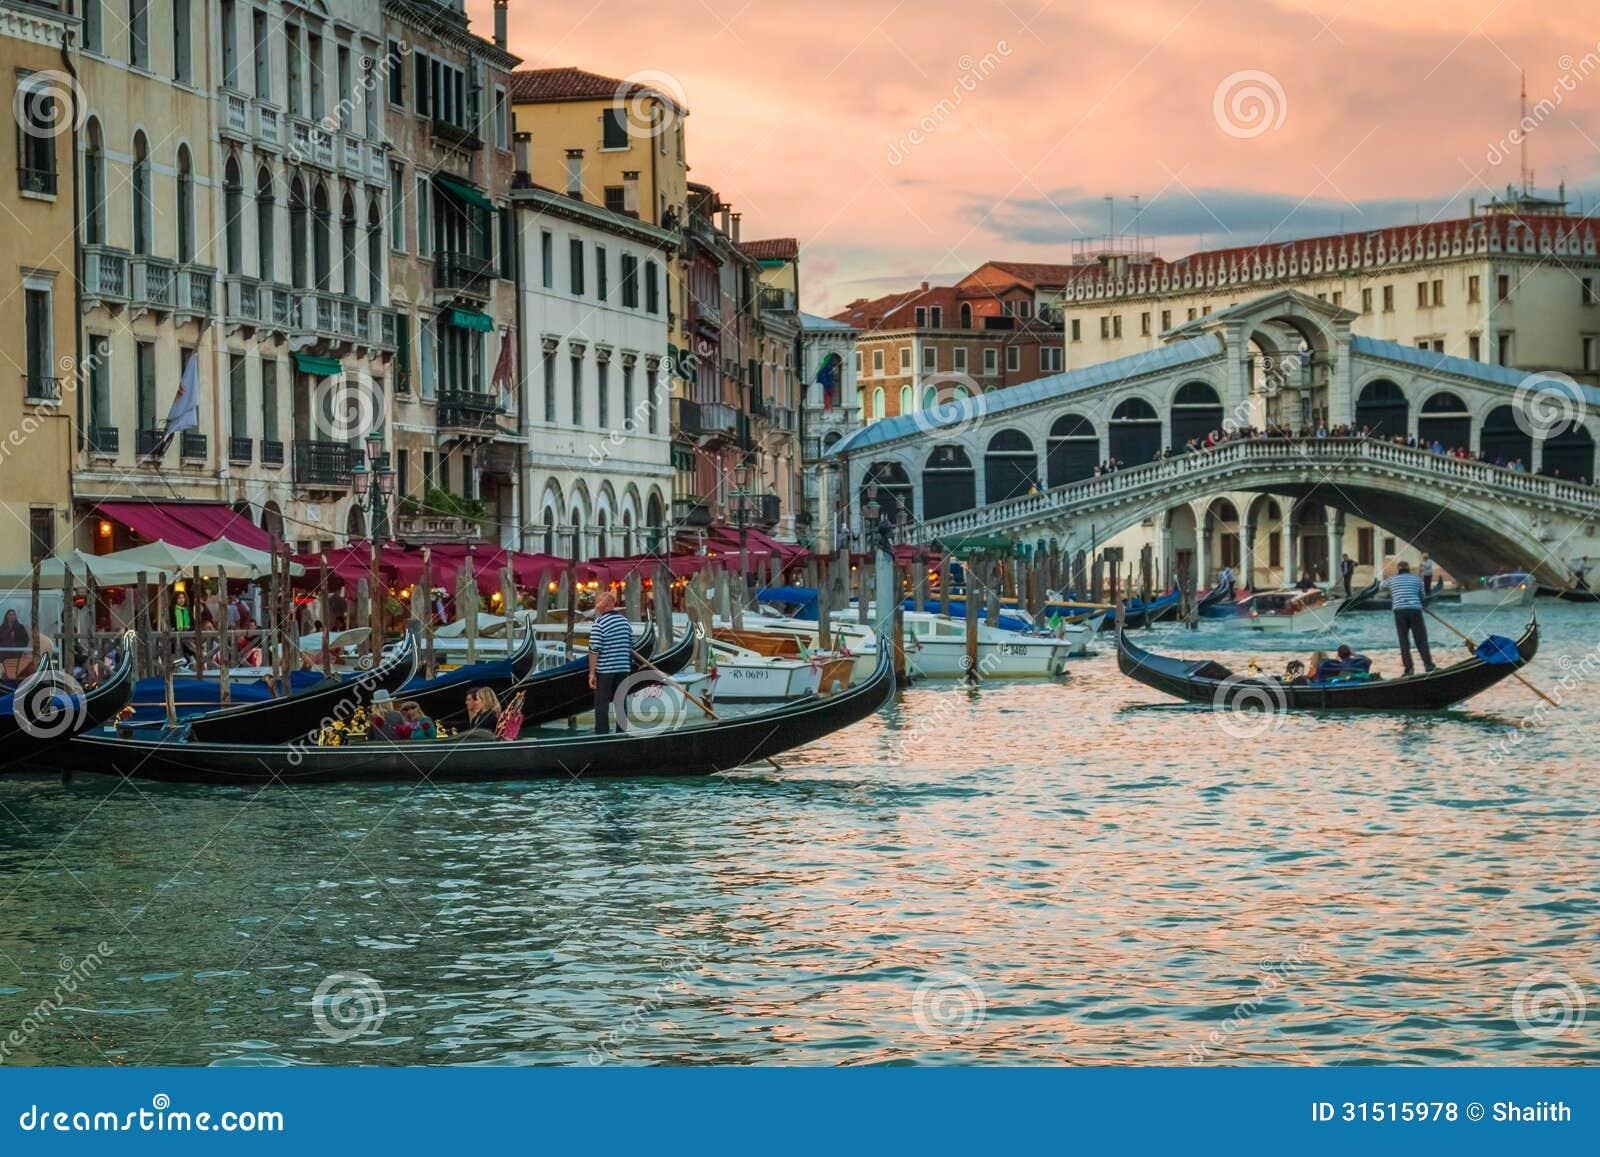 Ristorante e gondole vicino al ponte di rialto a venezia for Ristorante amo venezia prezzi